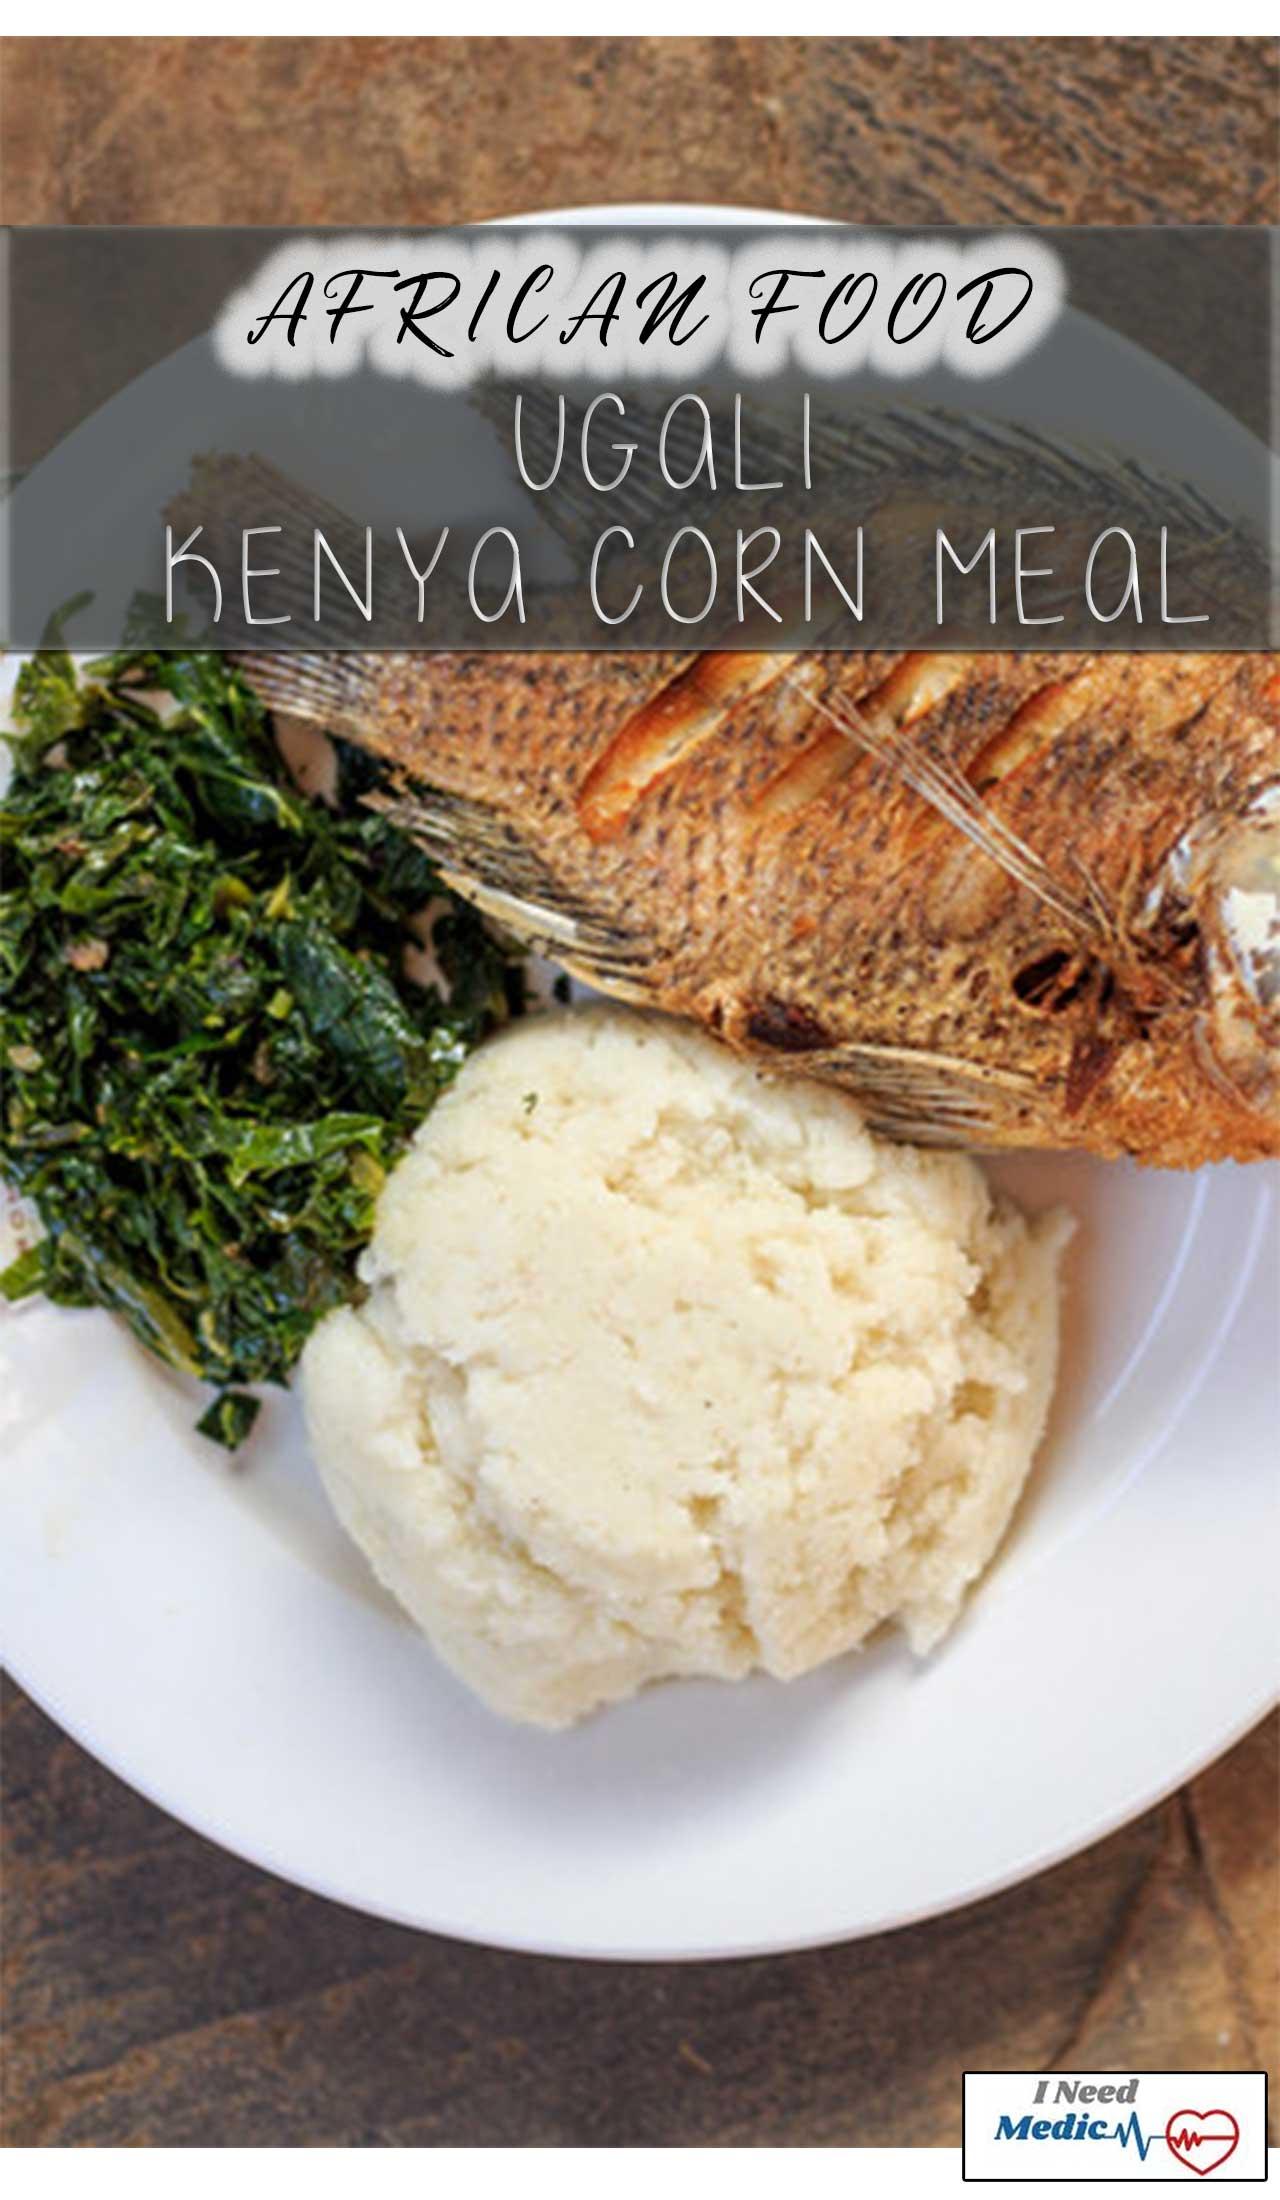 african recipe to get pregnant, ugali cornmeal recipes, fufu kind recipe